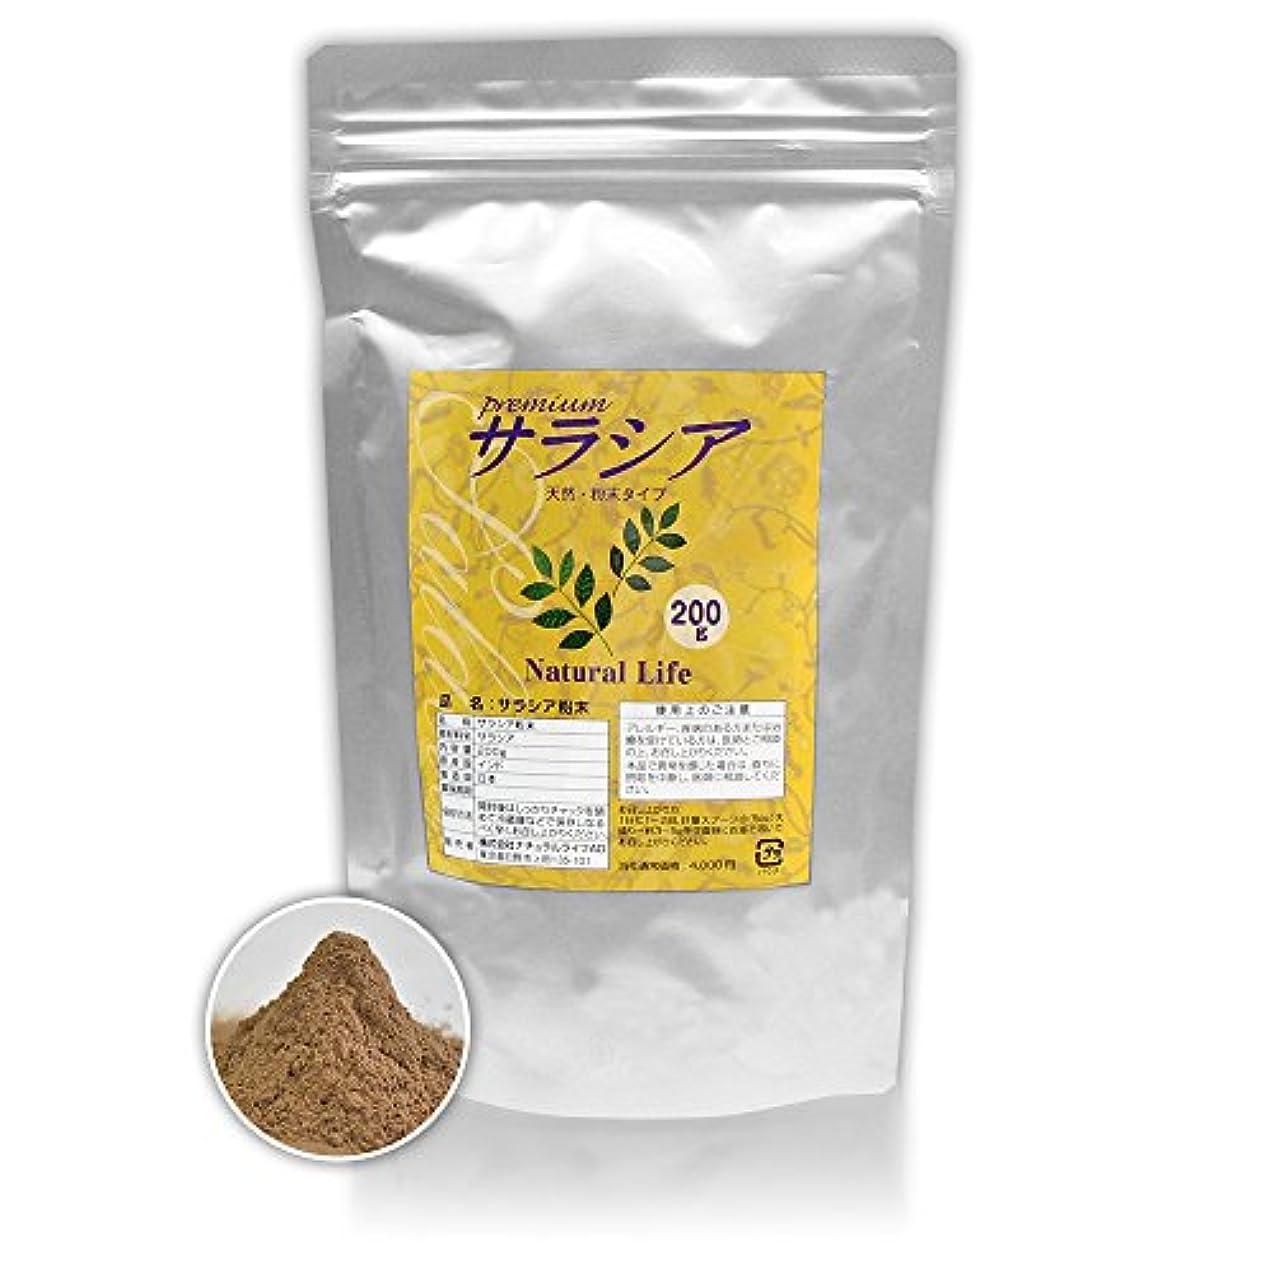 普通の左成果サラシア粉末[200g]天然ピュア原料(無添加)健康食品(さらしあ,レティキュラータ)